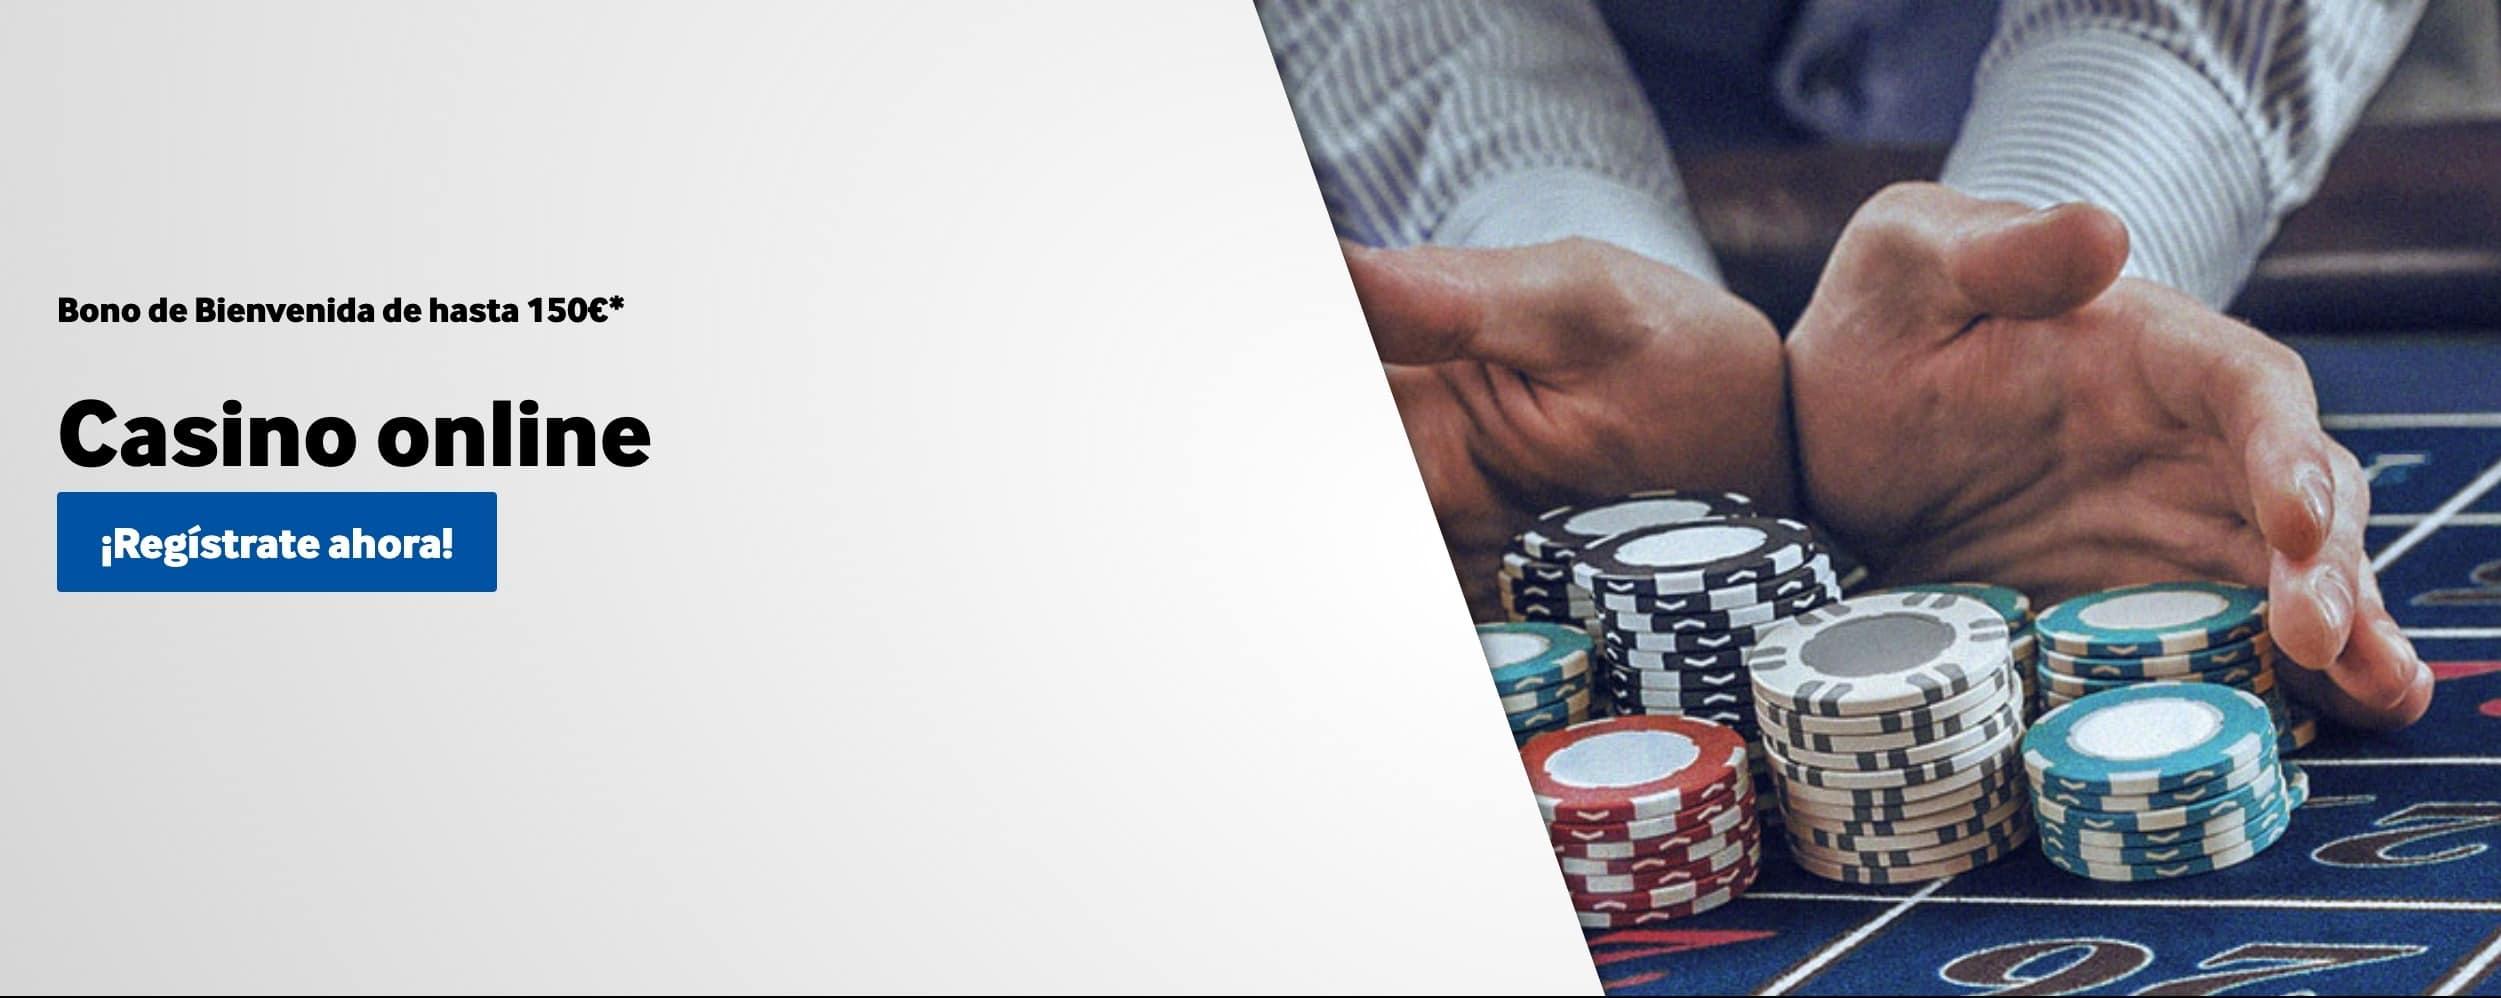 apuestas-online-betway-bono-bienvenida-casino